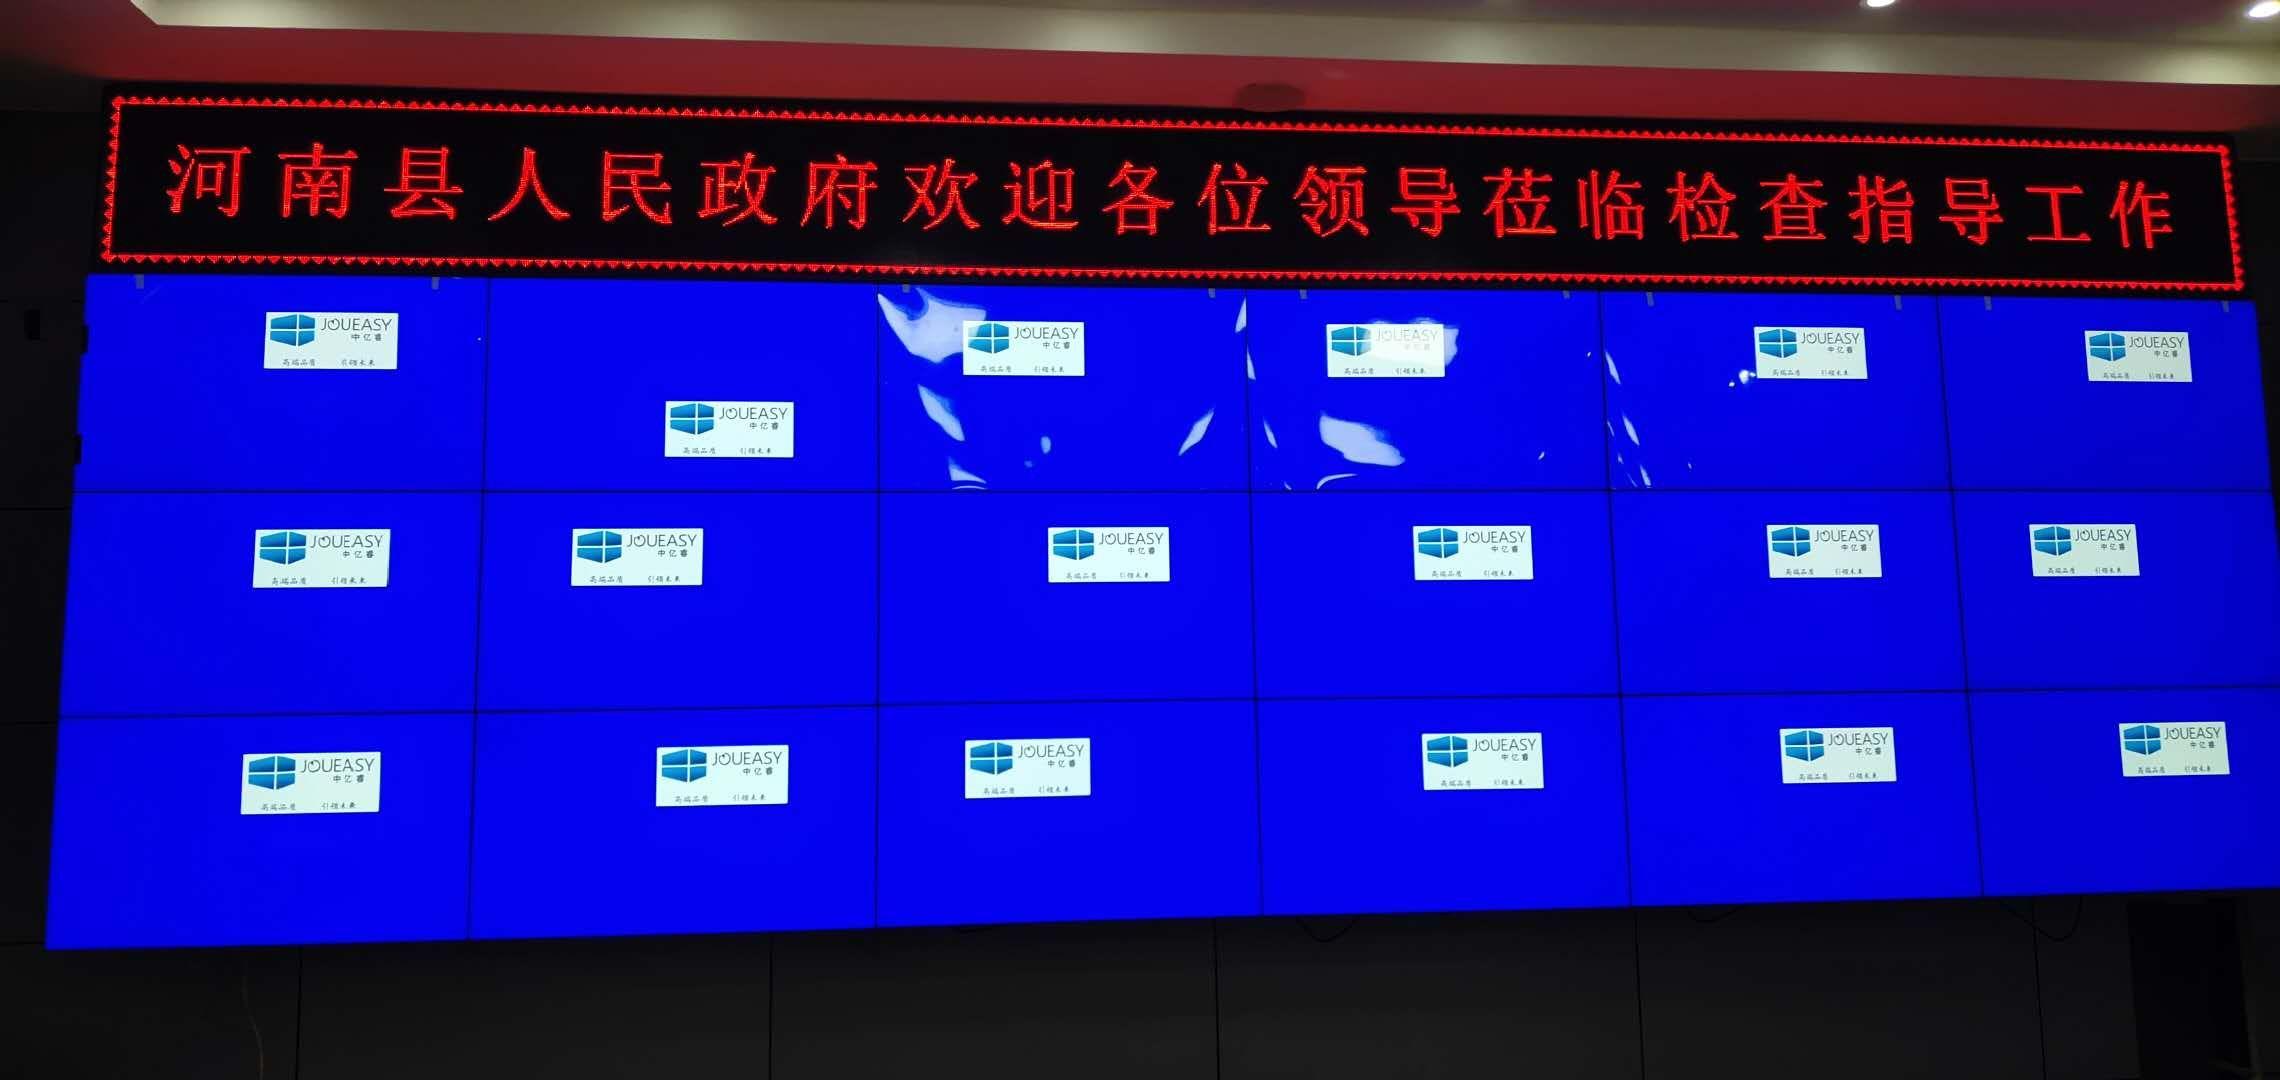 青海河南县人民政府46寸液晶拼接大屏幕